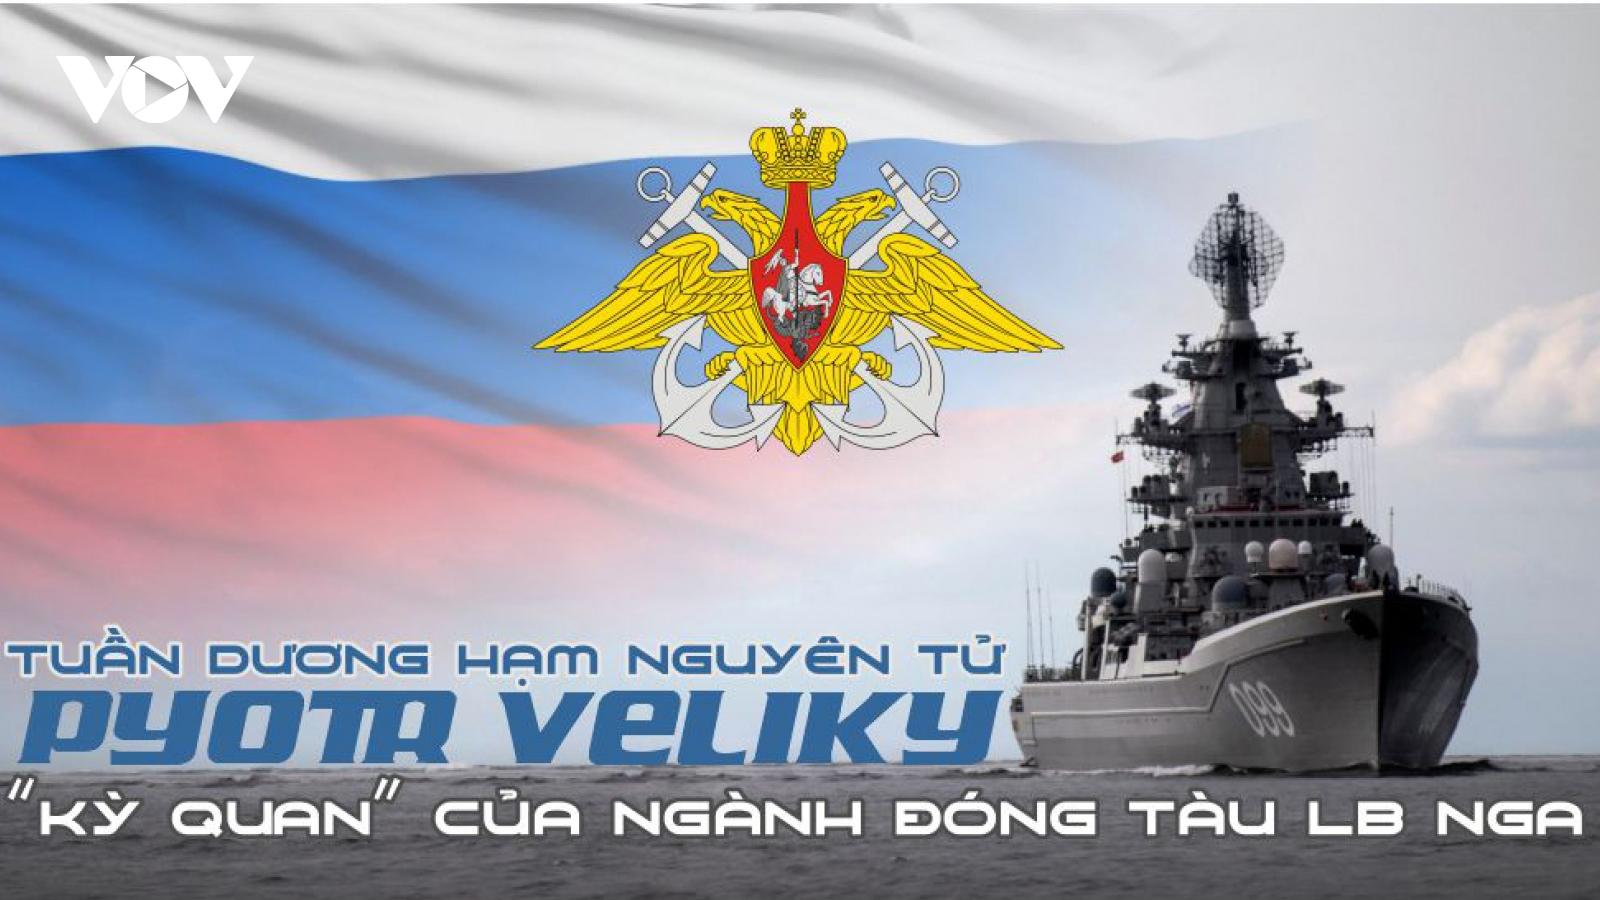 """Infographic: Tuần dương hạm Pyotr Velinky """"kỳ quan"""" của ngành đóng tàu Nga"""